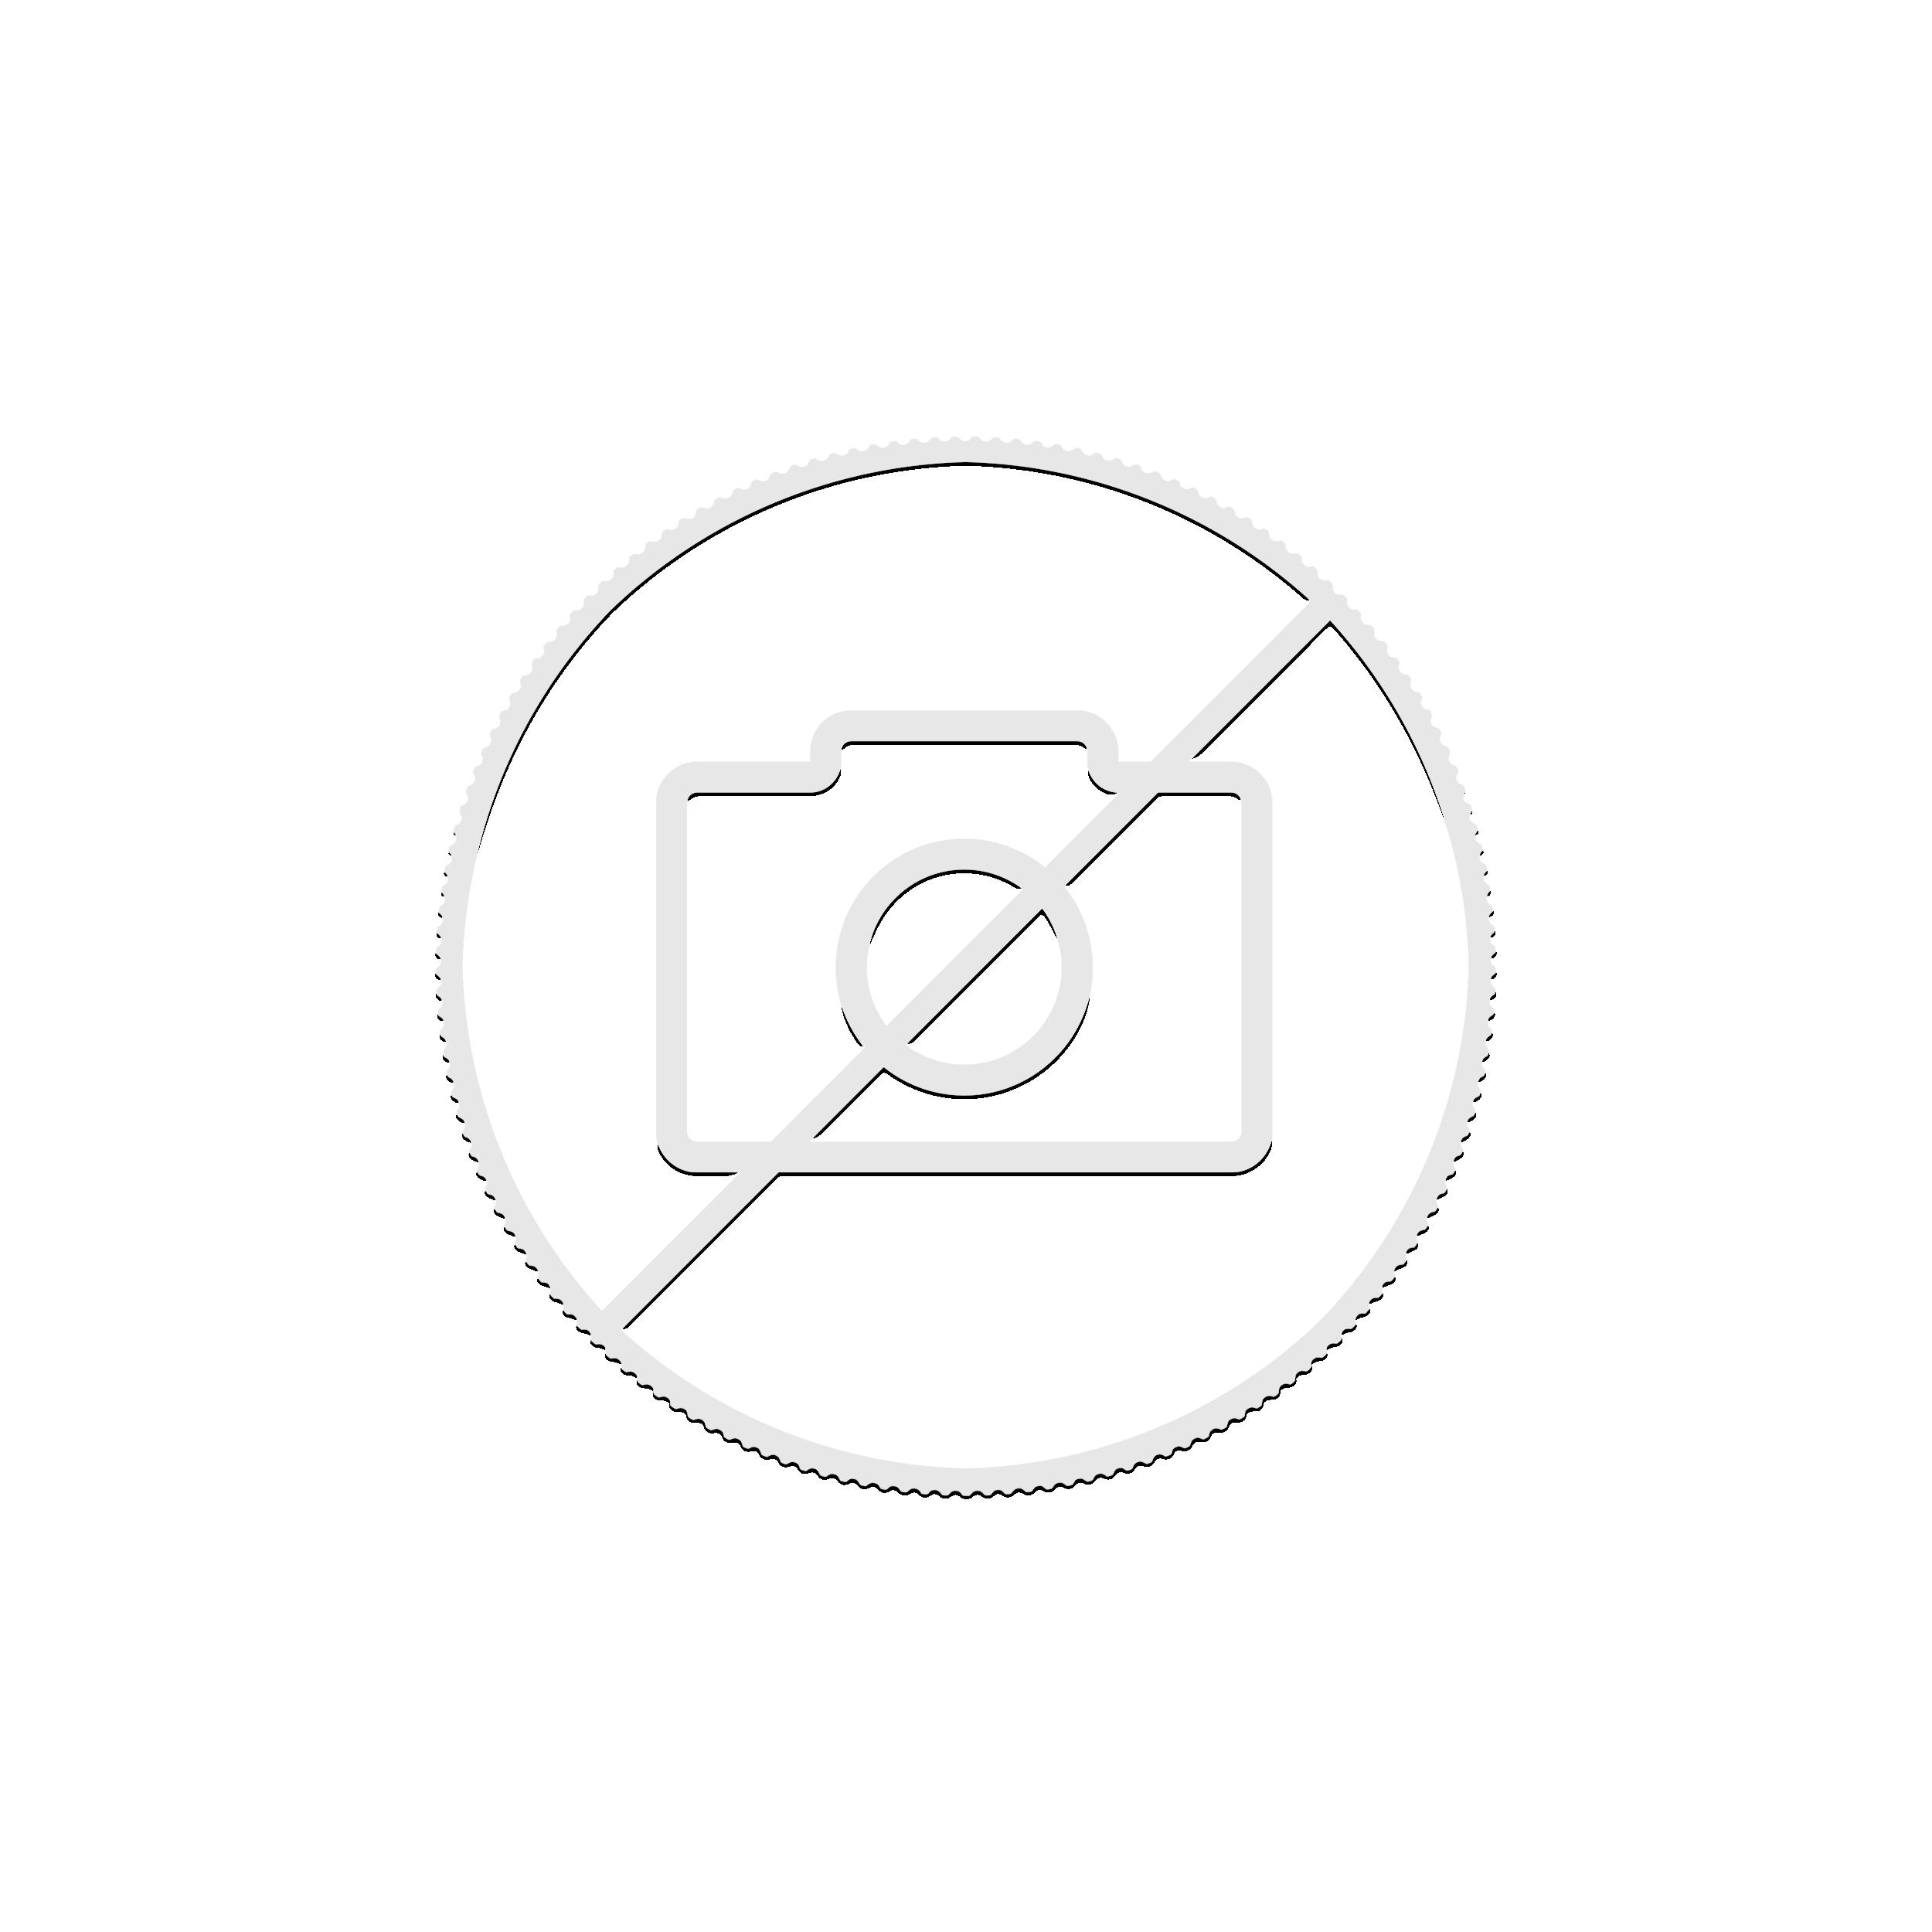 1 Troy ounce silver coin Valiant 2021